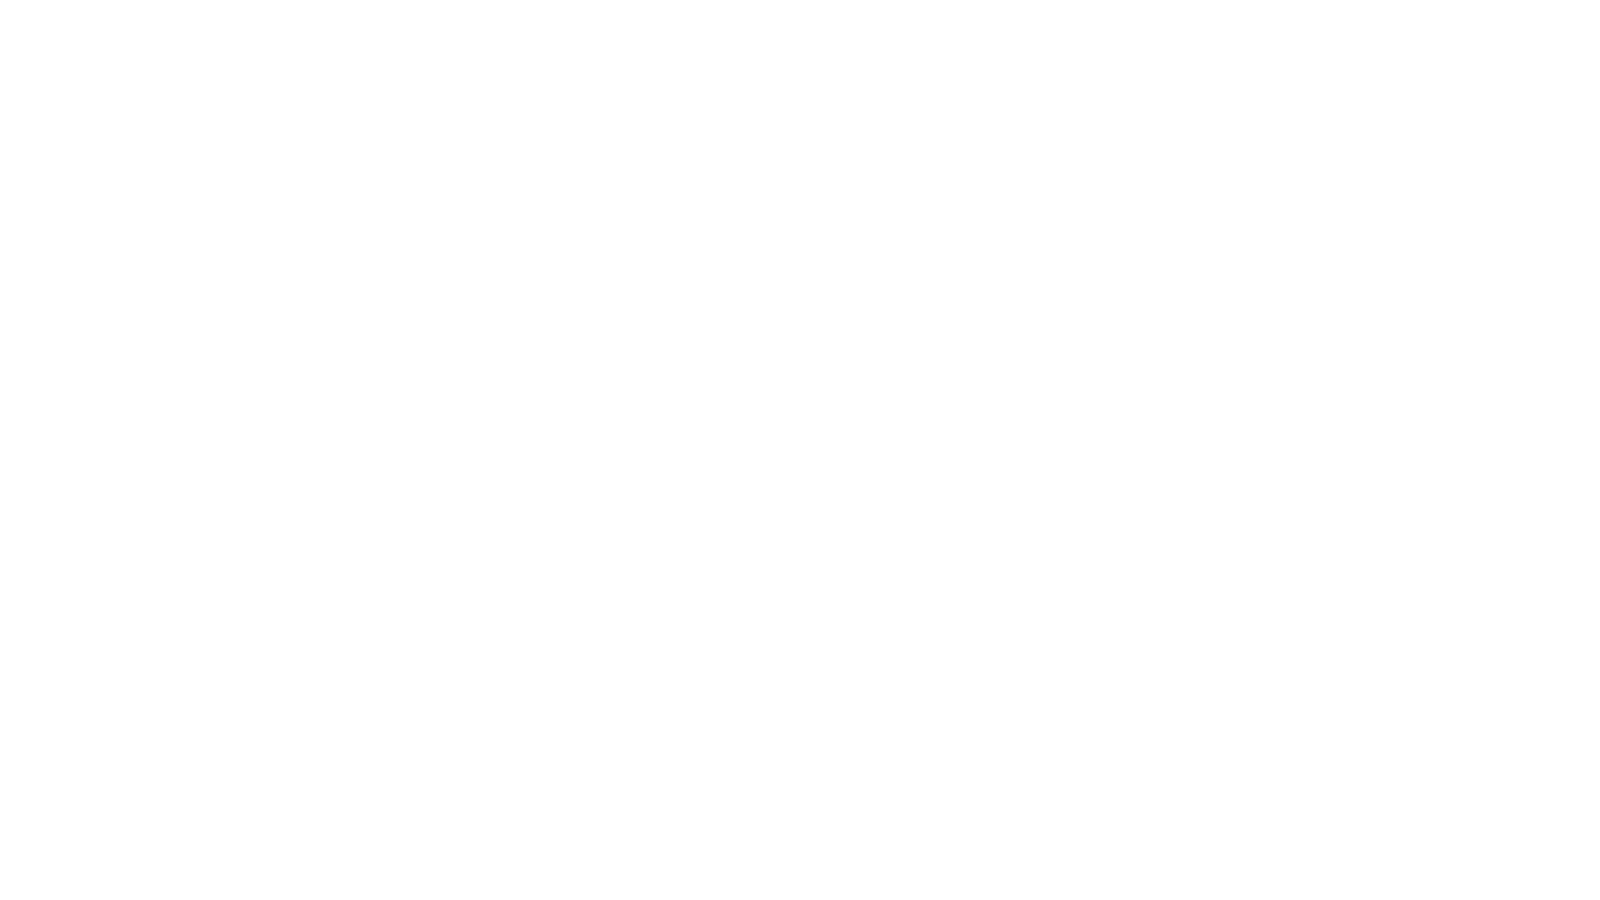 Fotoclub Diafragma https://www.fotoclubdiafragma.nl  Hoe kun je gebruik maken van beweging bij een straatfoto. In deze video legt André Sprong uit hoe je met diverse technieken beweging op een creatieve manier vast kan leggen.  Getoonde foto's: André Sprong Rafael Astorga Theo van Workum  Links: Panning techniek: https://www.derooijfotografie.nl/wat-is-panning-en-hoe-pas-je-deze-fotografie-techniek-toe/  Alle getoonde foto's zijn auteursrechtelijk beschermd door de benoemde fotograaf.  Music Music: https://www.bensound.com  © 2021 fotoclub Diafragma